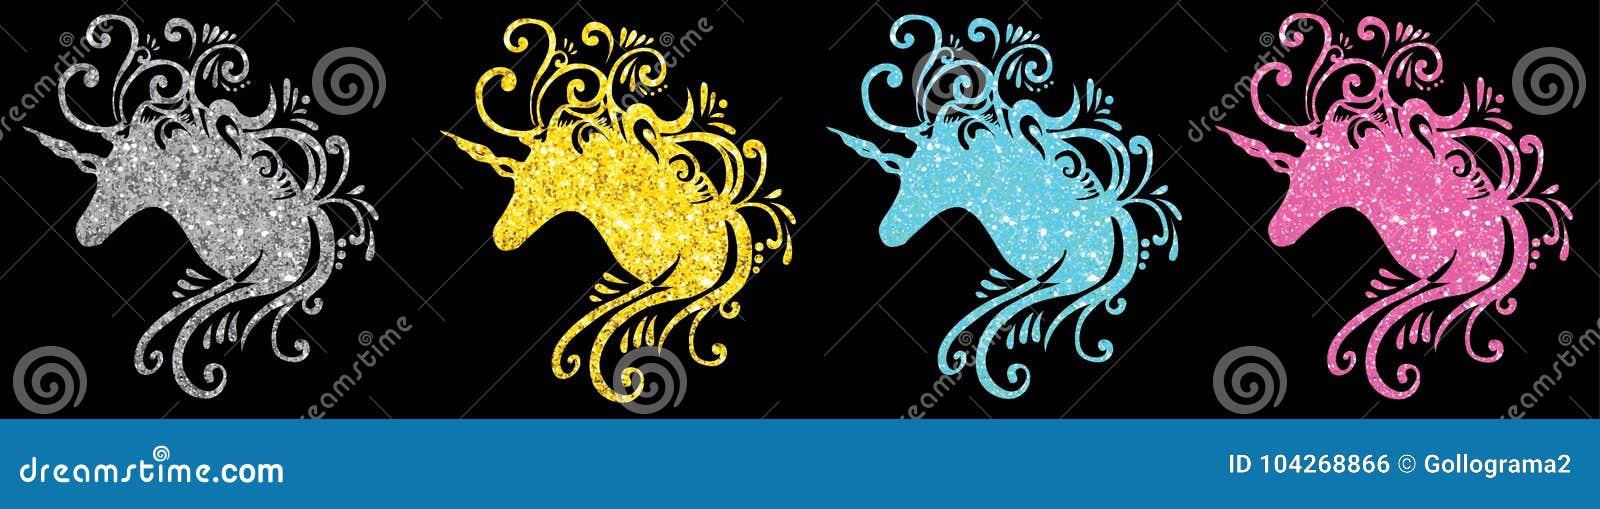 Вектор единорога силуэта головы единорога яркого блеска установленный изображает einhorn Пегаса 2d единорога искусства зажима еди